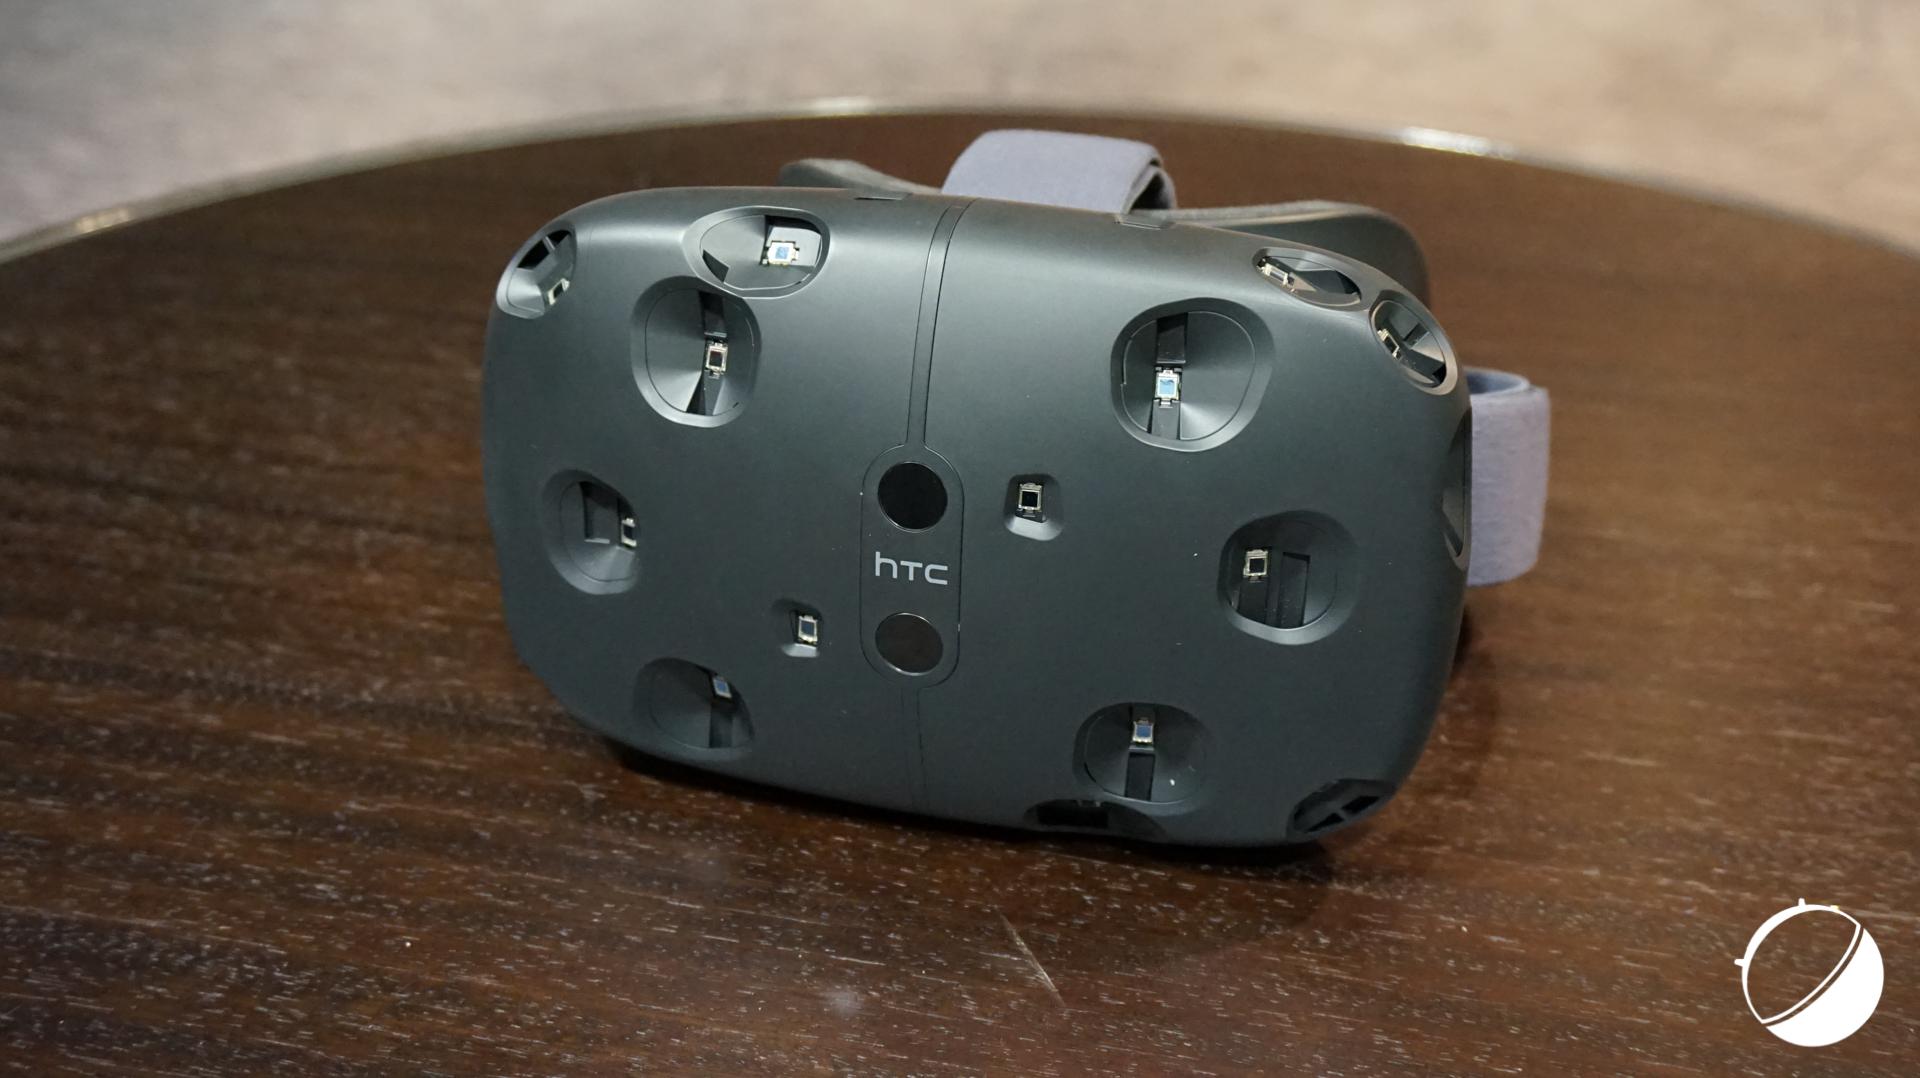 Le casque de réalité virtuelle HTC Vive disponible dès le 8 décembre prochain ?